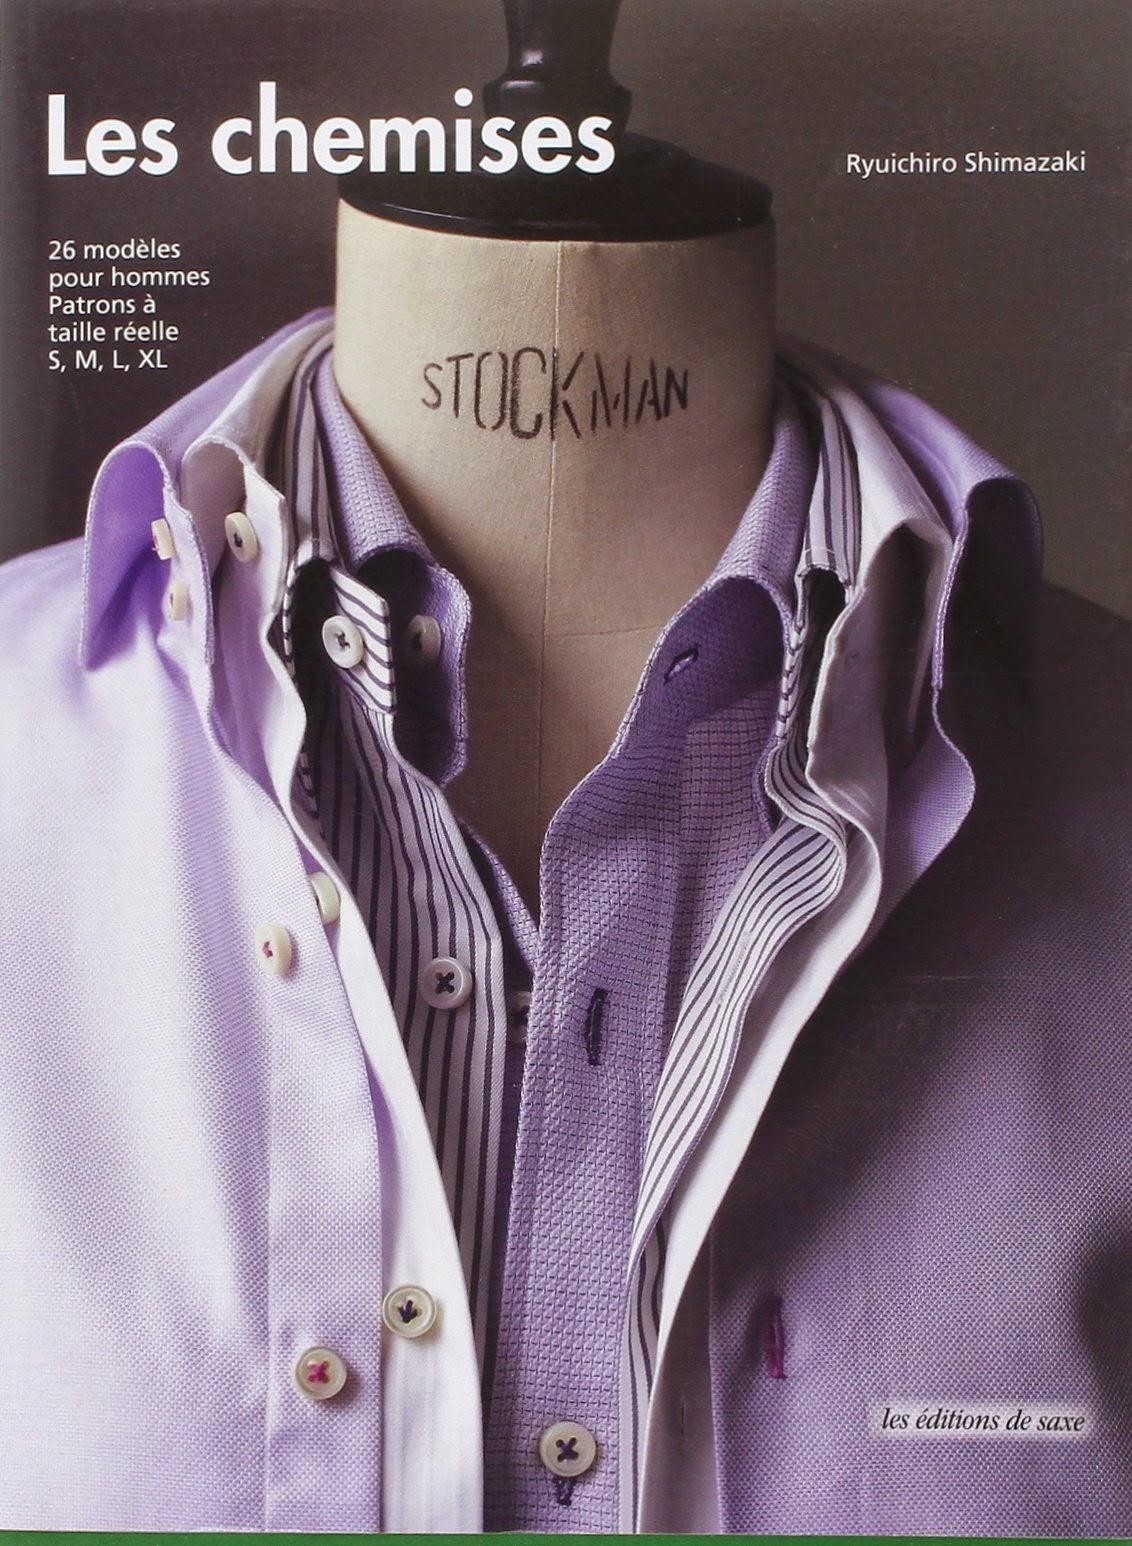 la chemise de tom sawyer l 39 nerv e de la machine coudre. Black Bedroom Furniture Sets. Home Design Ideas